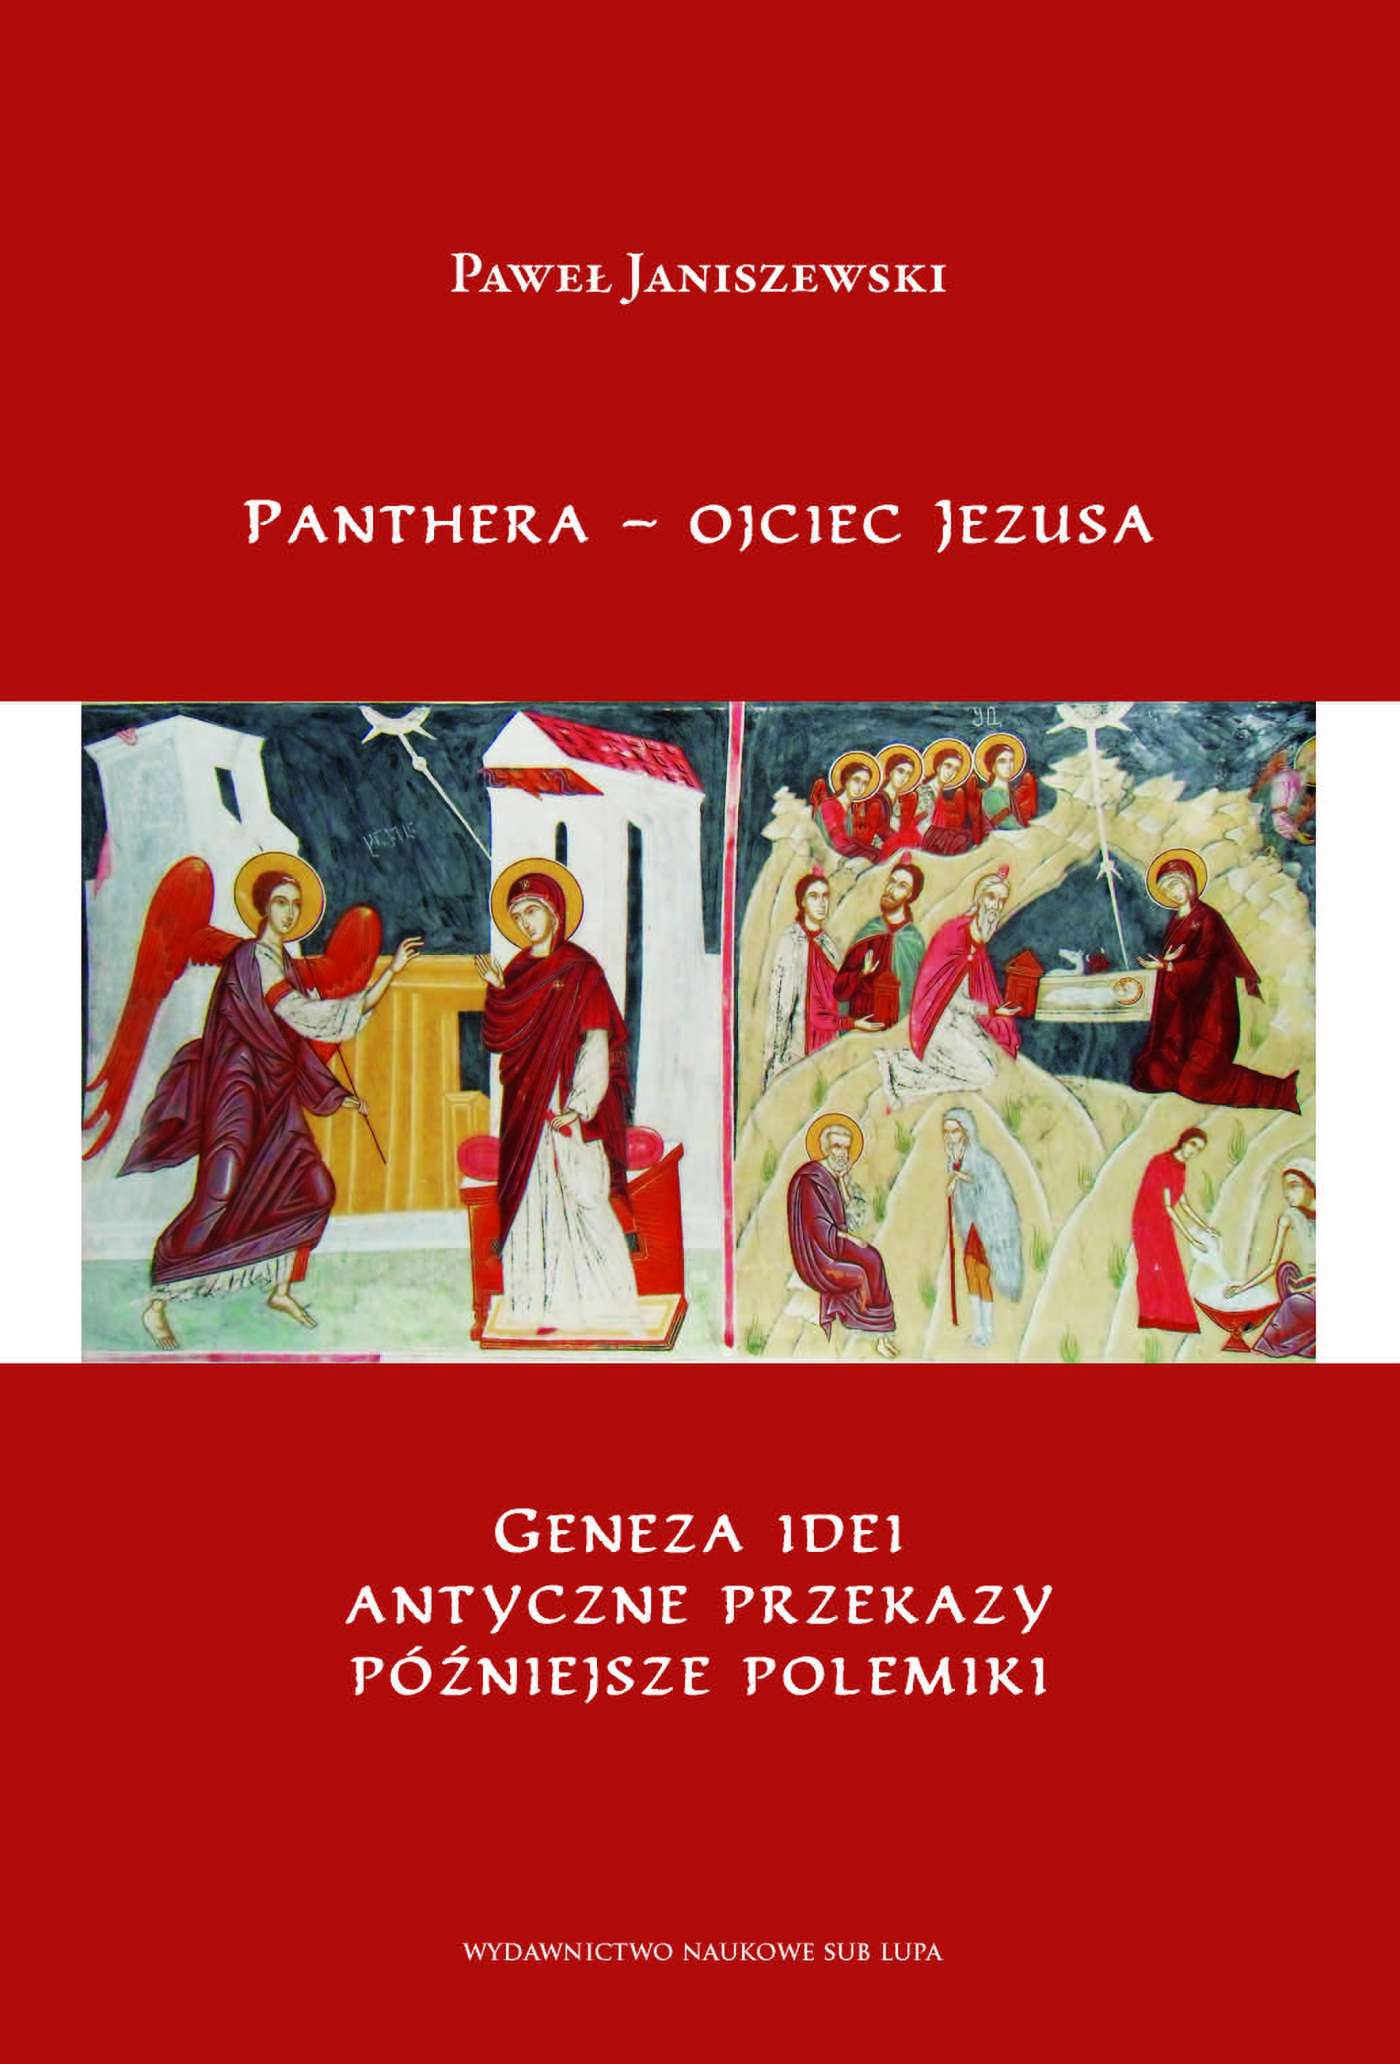 Panthera – ojciec Jezusa. Geneza idei, antyczne przekazy,  późniejsze polemiki. - Ebook (Książka PDF) do pobrania w formacie PDF